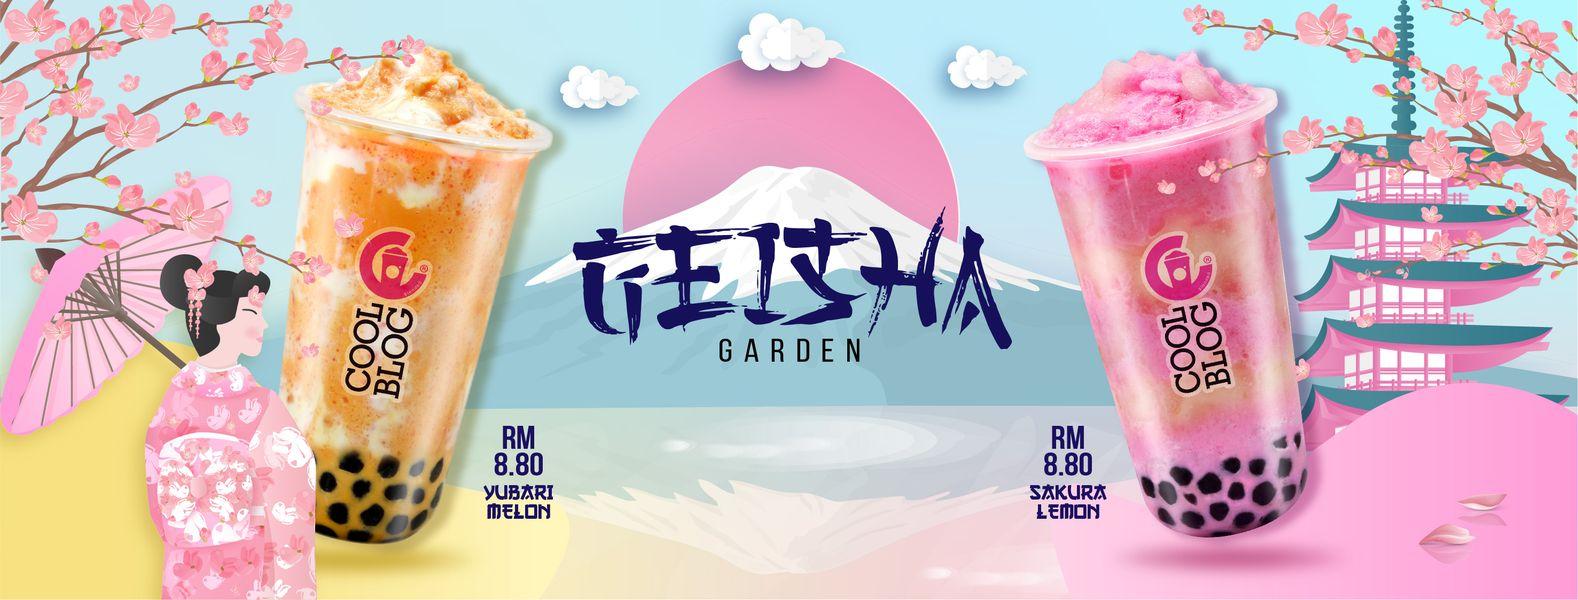 Coolblog Mengabdikan Keunikan Rasa Dan Budaya Negara Jepun Melalui Kempen Geisha Garden